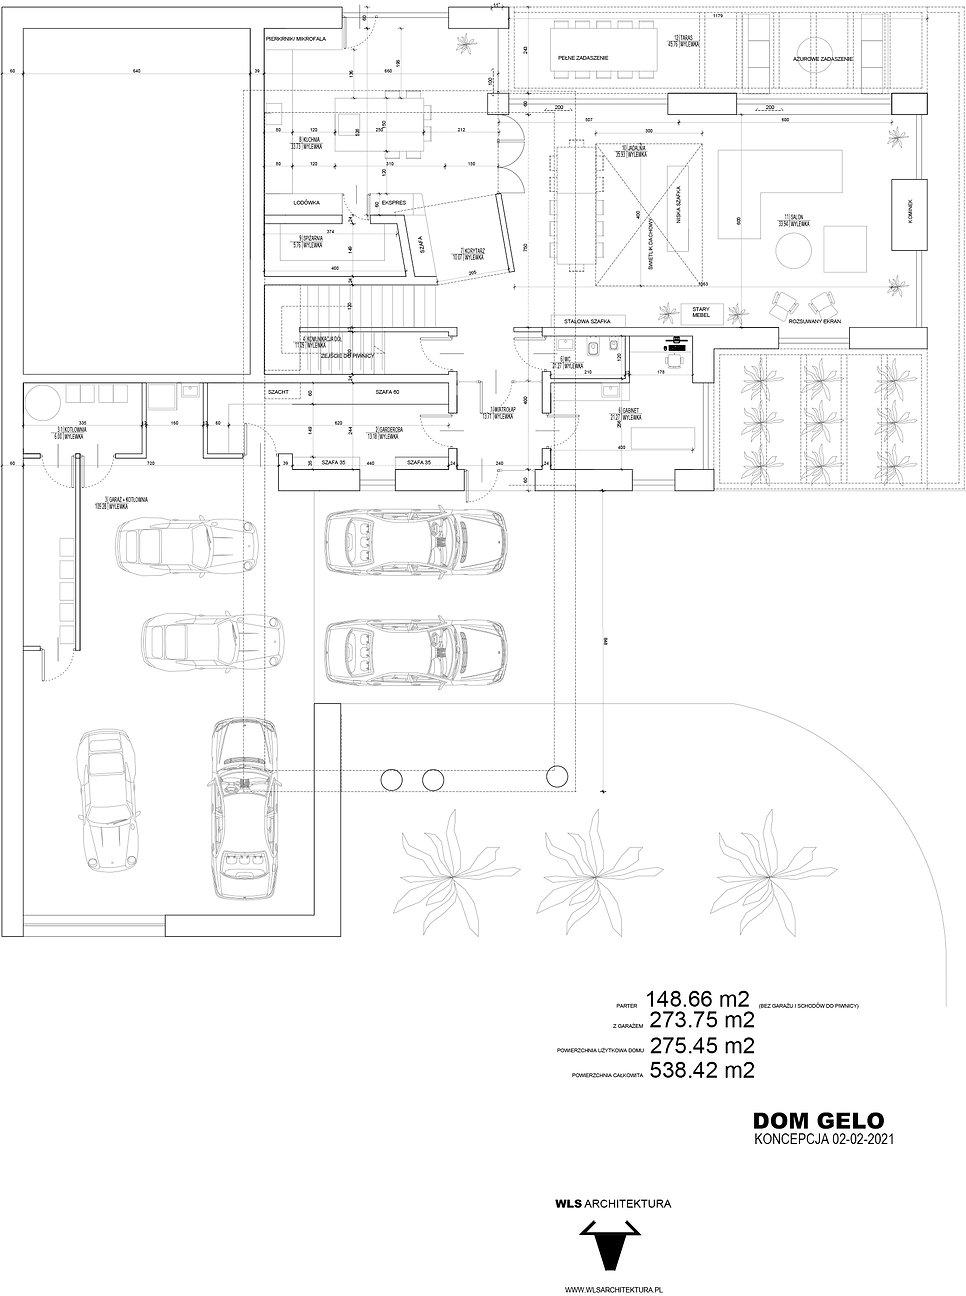 WLS_DG_PARTER_05-02-2021 copy.jpg